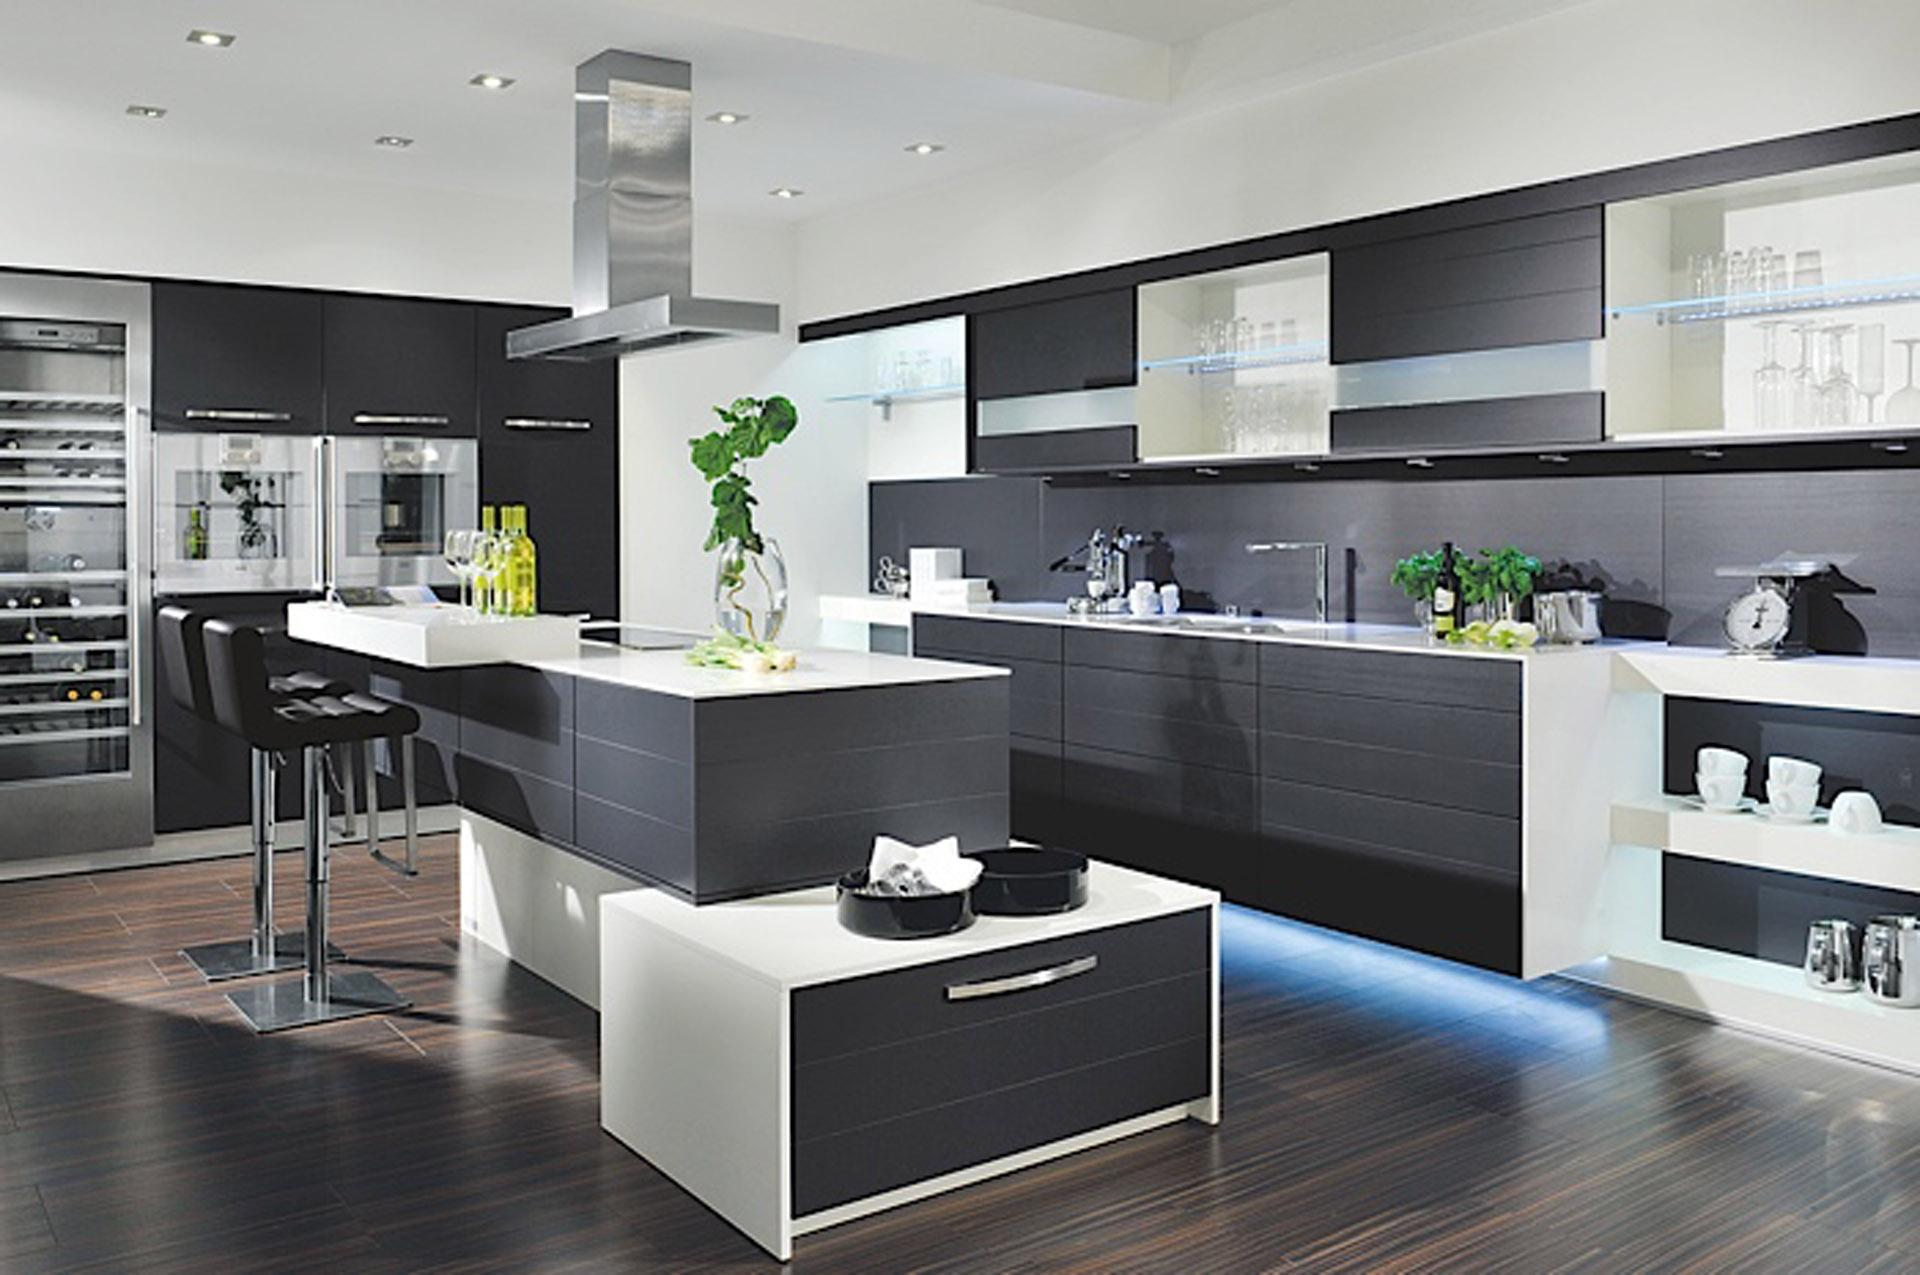 kitchen-design-ideas-3 | KüchenHaus Basler Filderstadt-Bernhausen ...